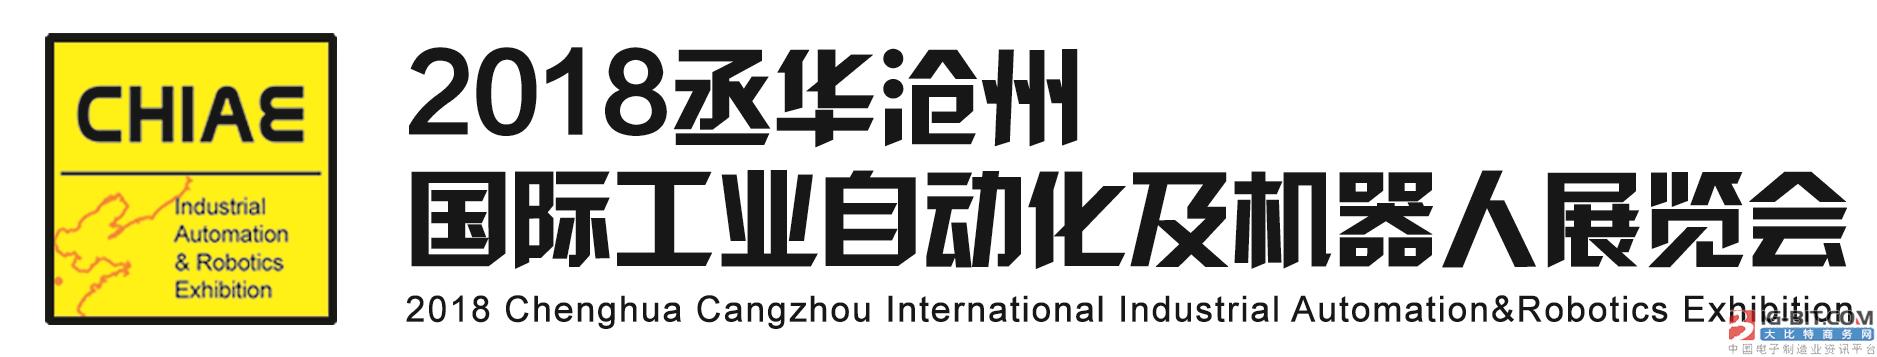 2018丞华沧州国际工业自动化及机器人展览会